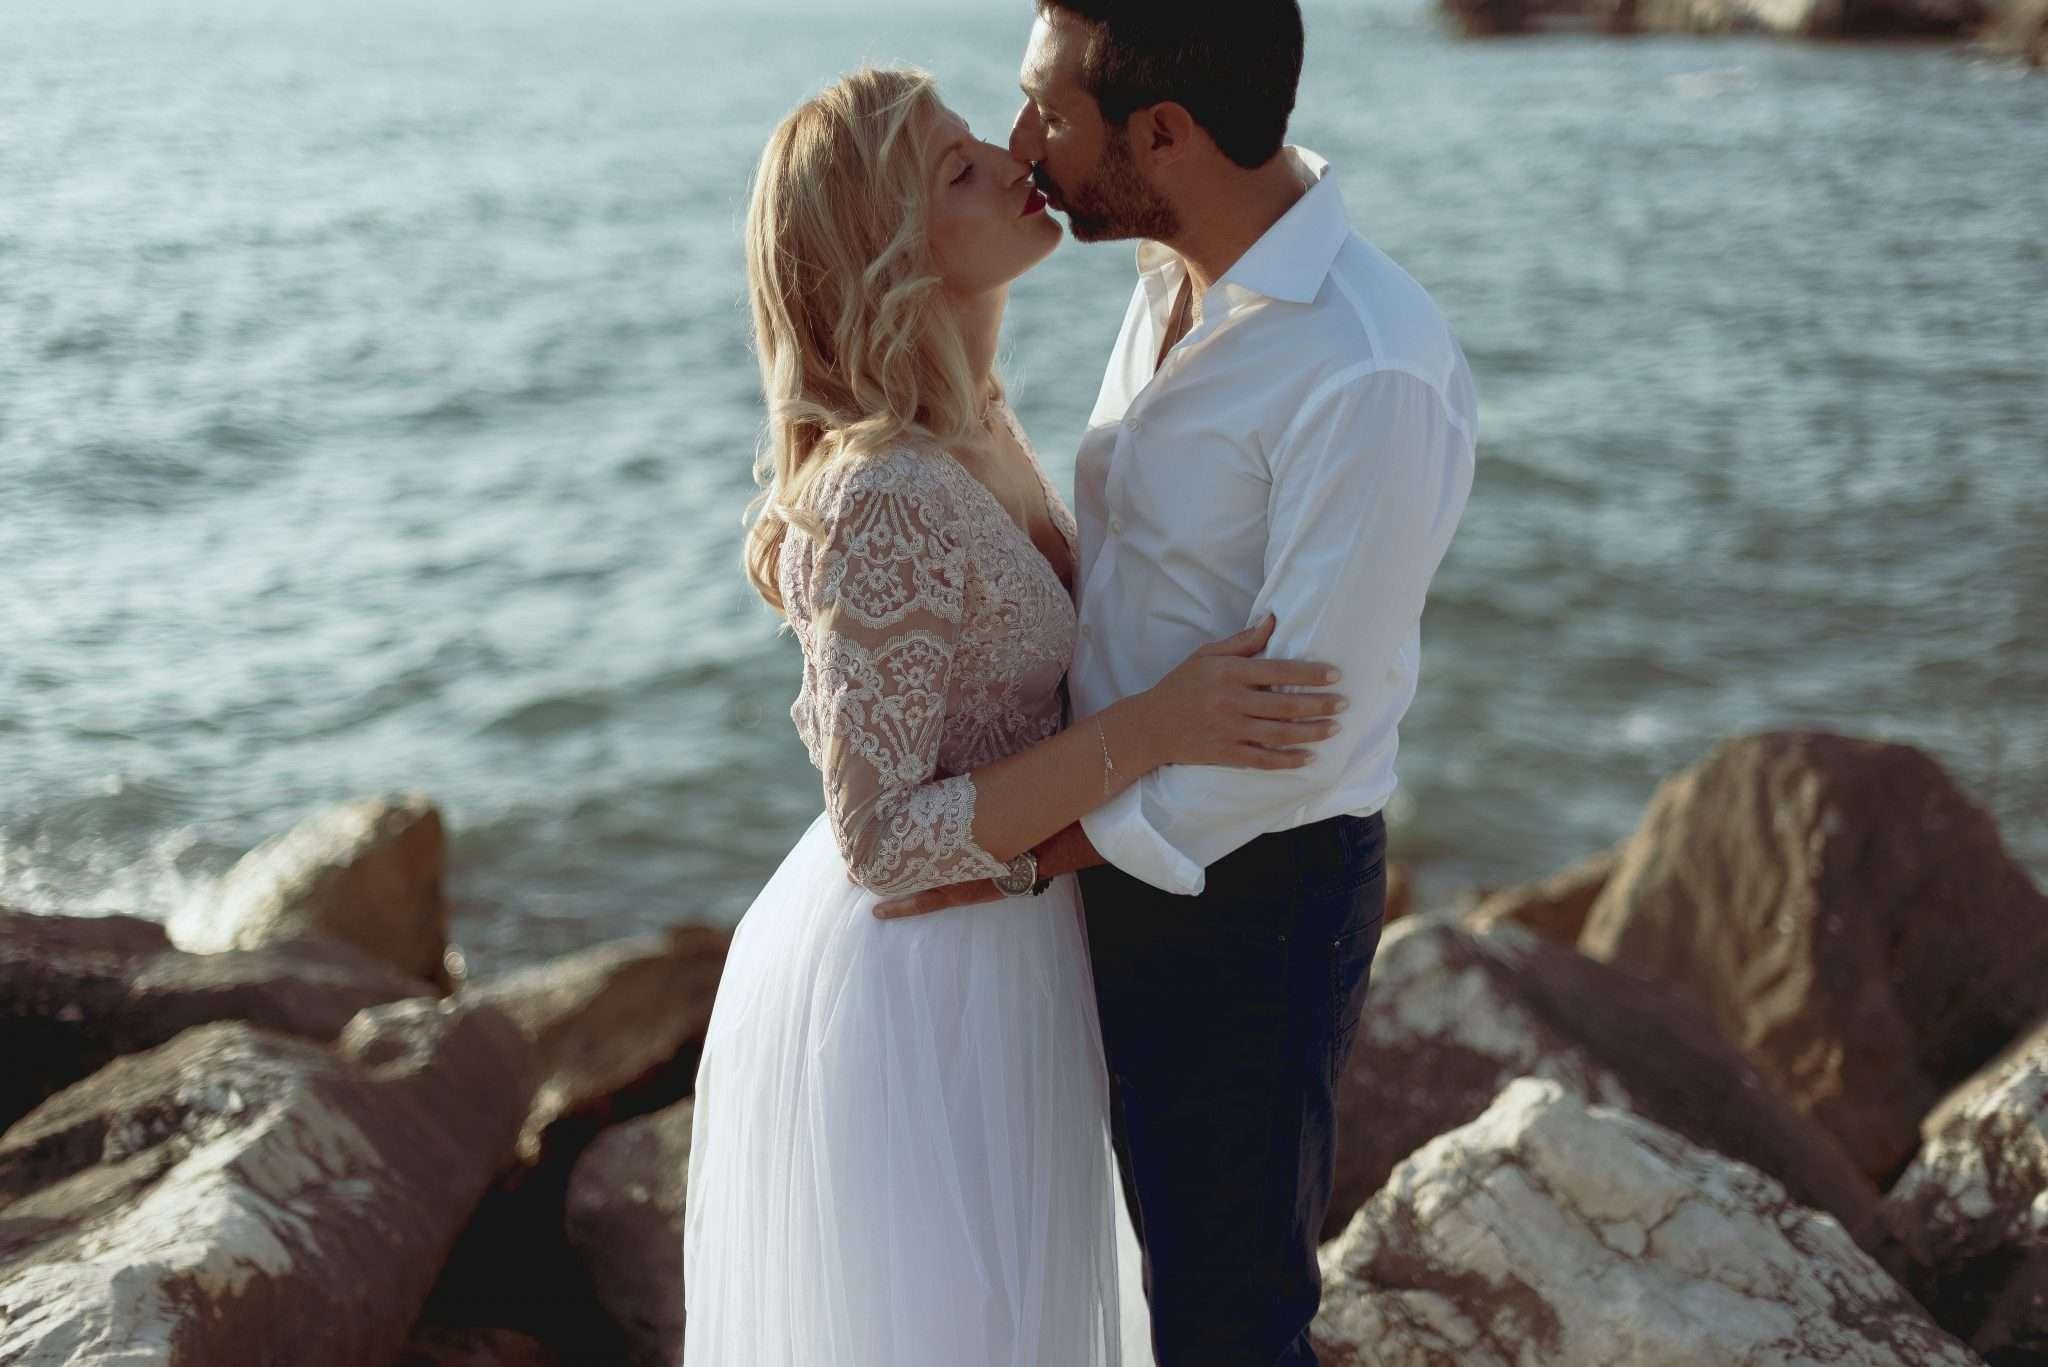 Fotografia sposi al mare reportage Bacolirealizzata da Barbara Trincone fotografa con studio a Pozzuoli - Napoli